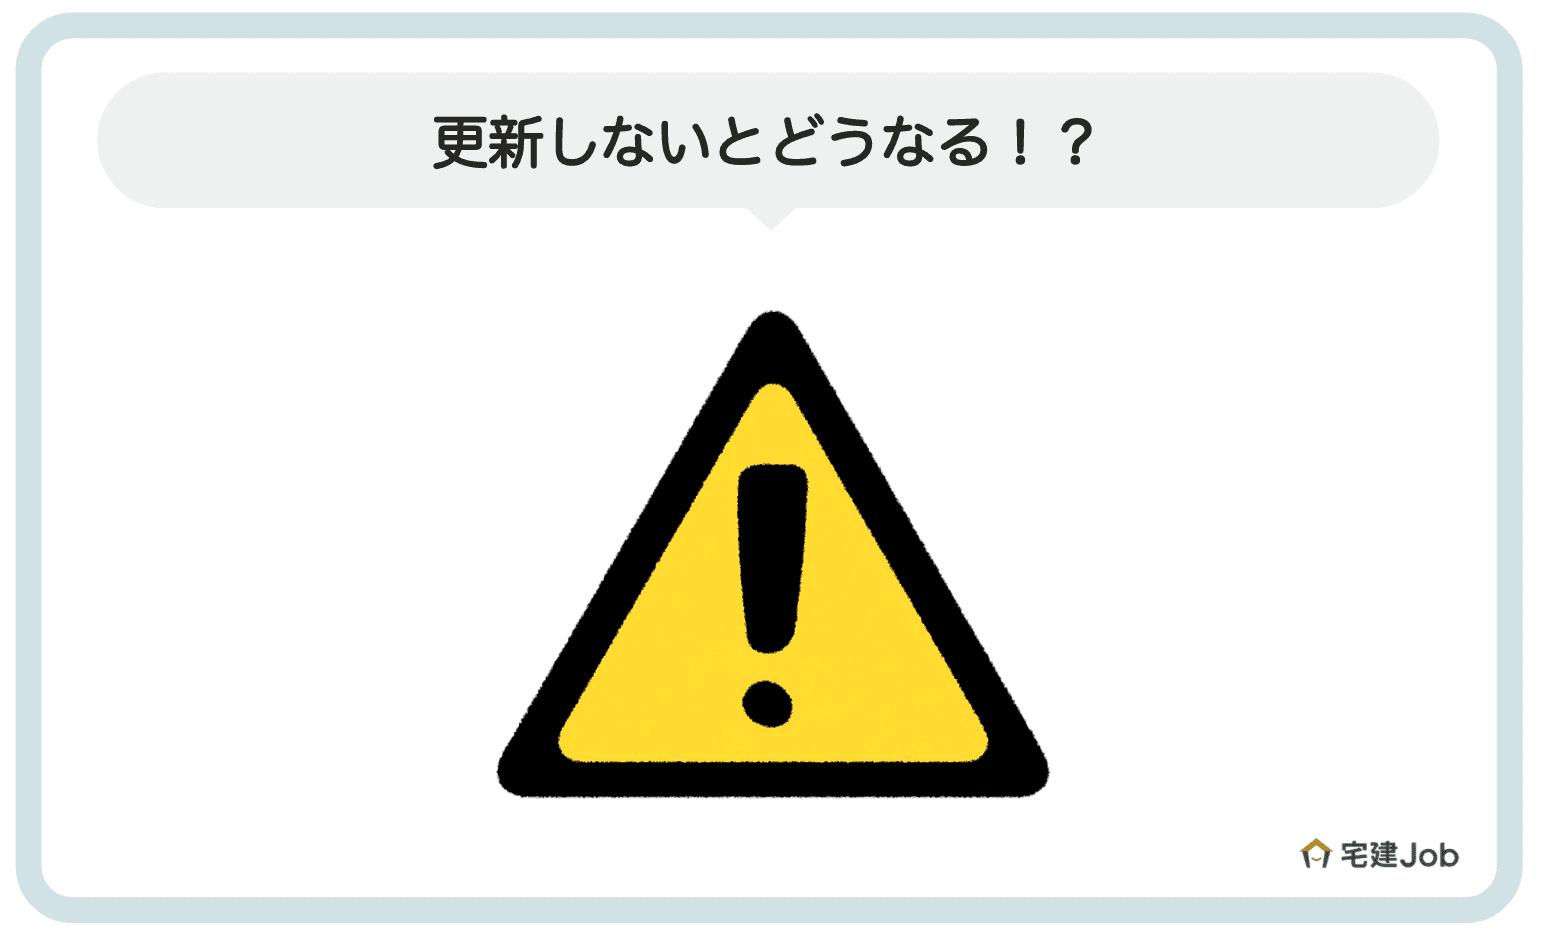 4.更新しない・忘れた場合【期限切れ】